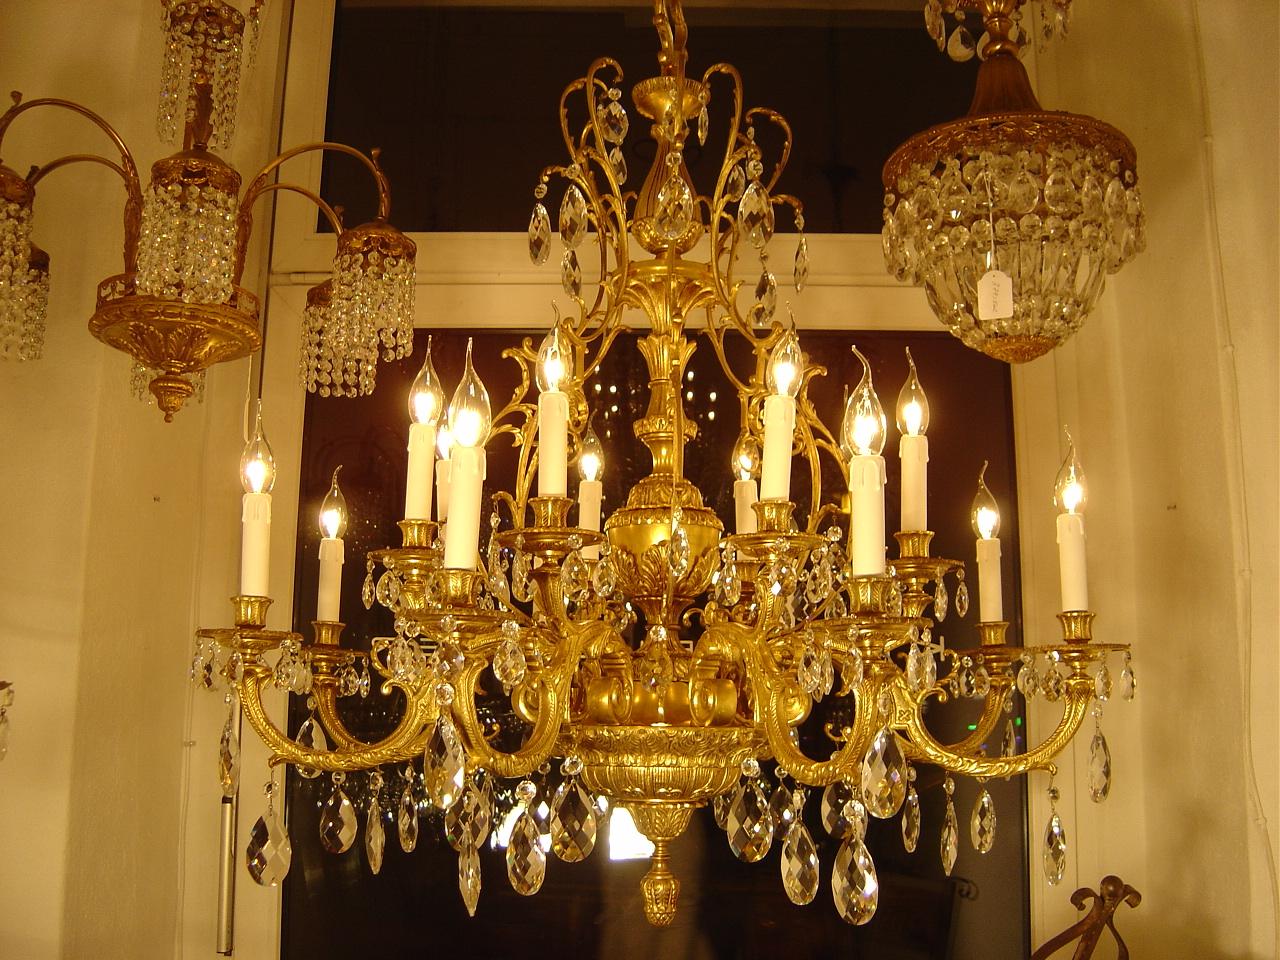 Kronleuchter Gold Kristall ~ Sac a perle fl königlicher kronleuchter goldbronze kristall